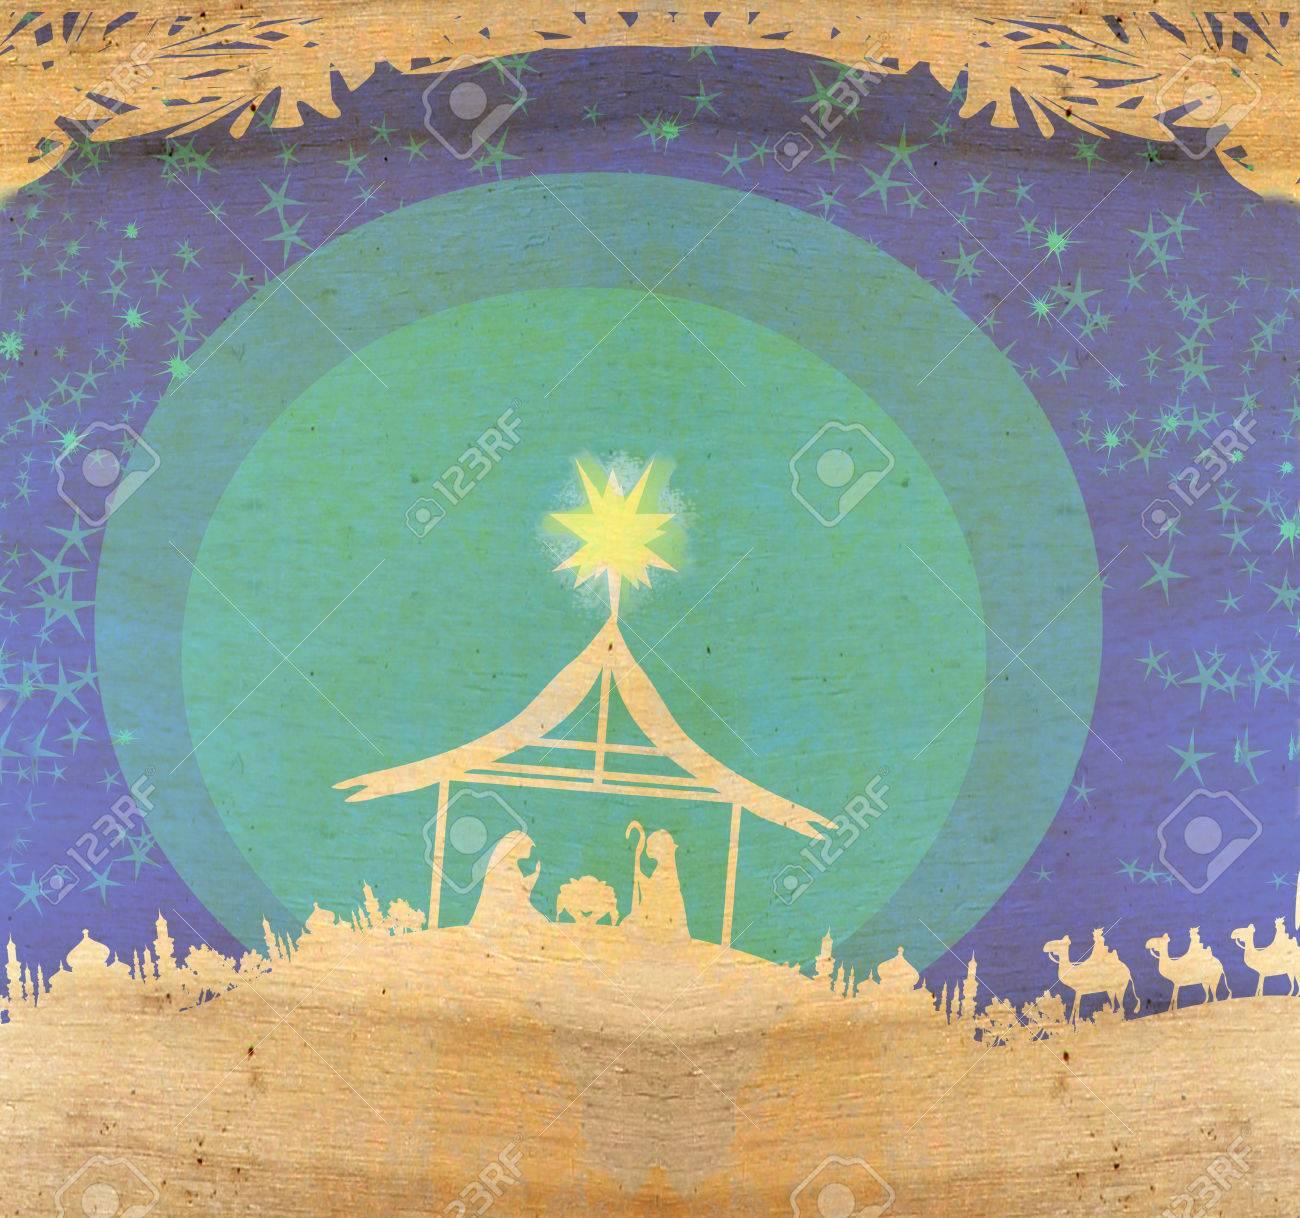 Biblical scene - birth of Jesus in Bethlehem. - 32060988